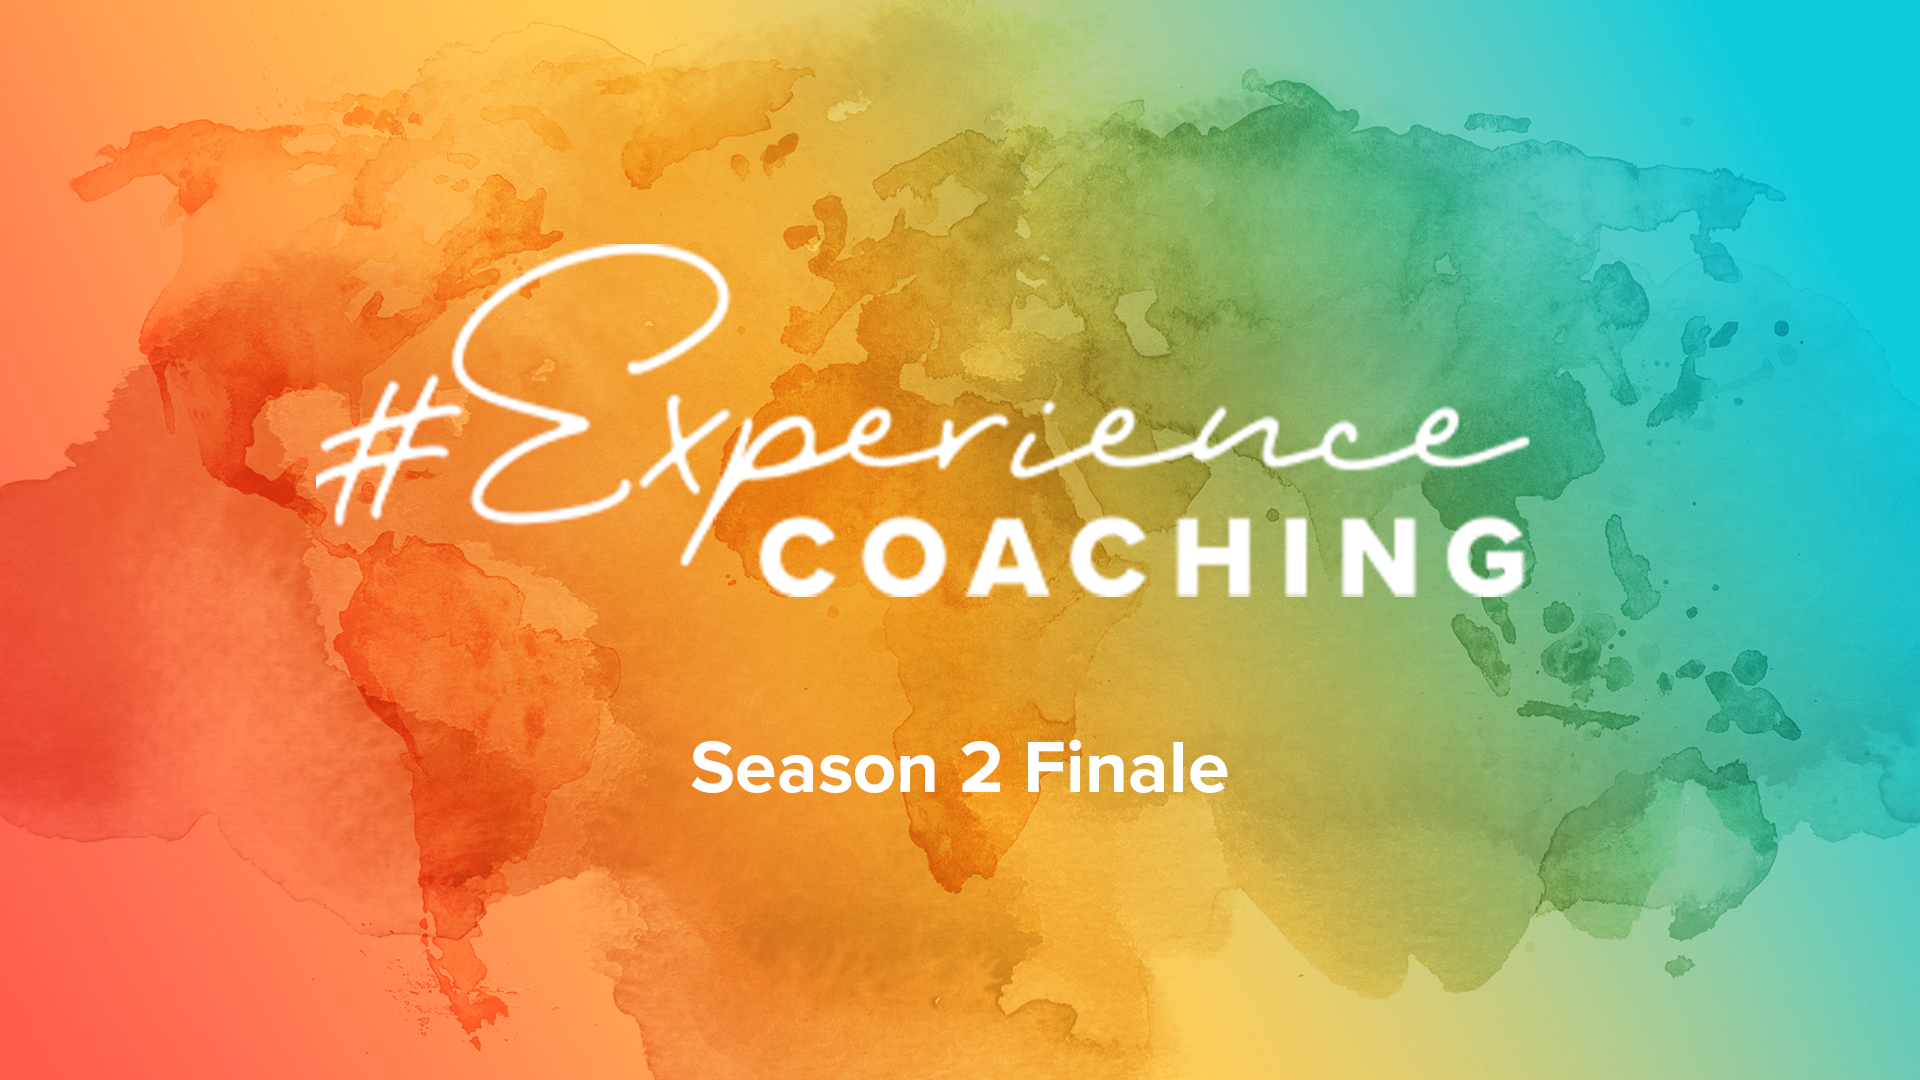 Season 2 Finale